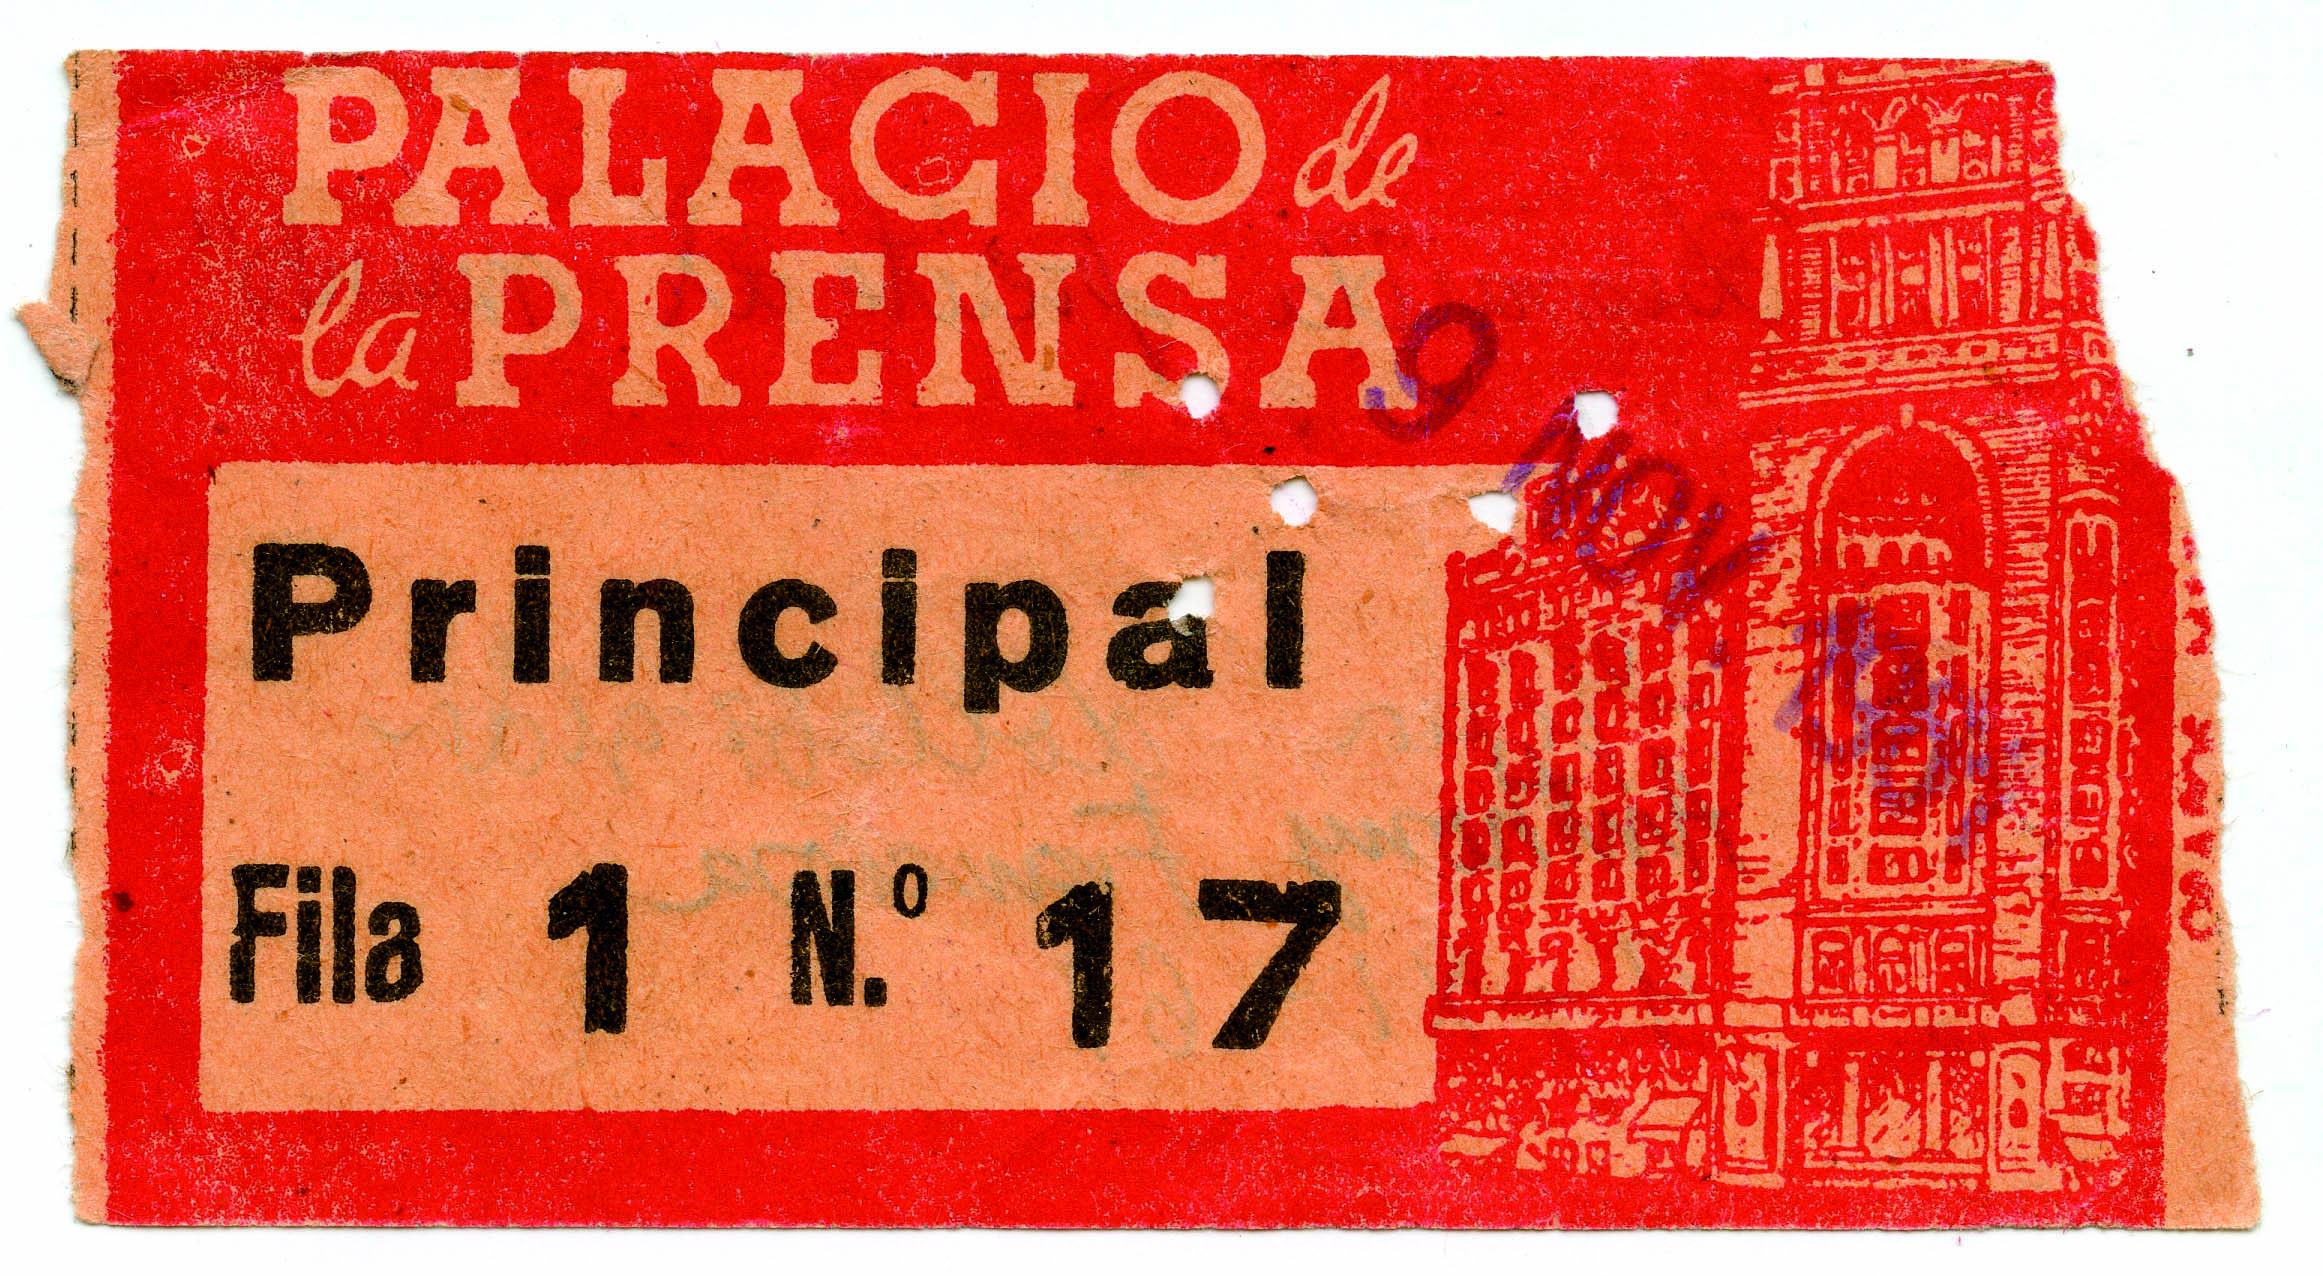 El Cine del Palacio de la Prensa